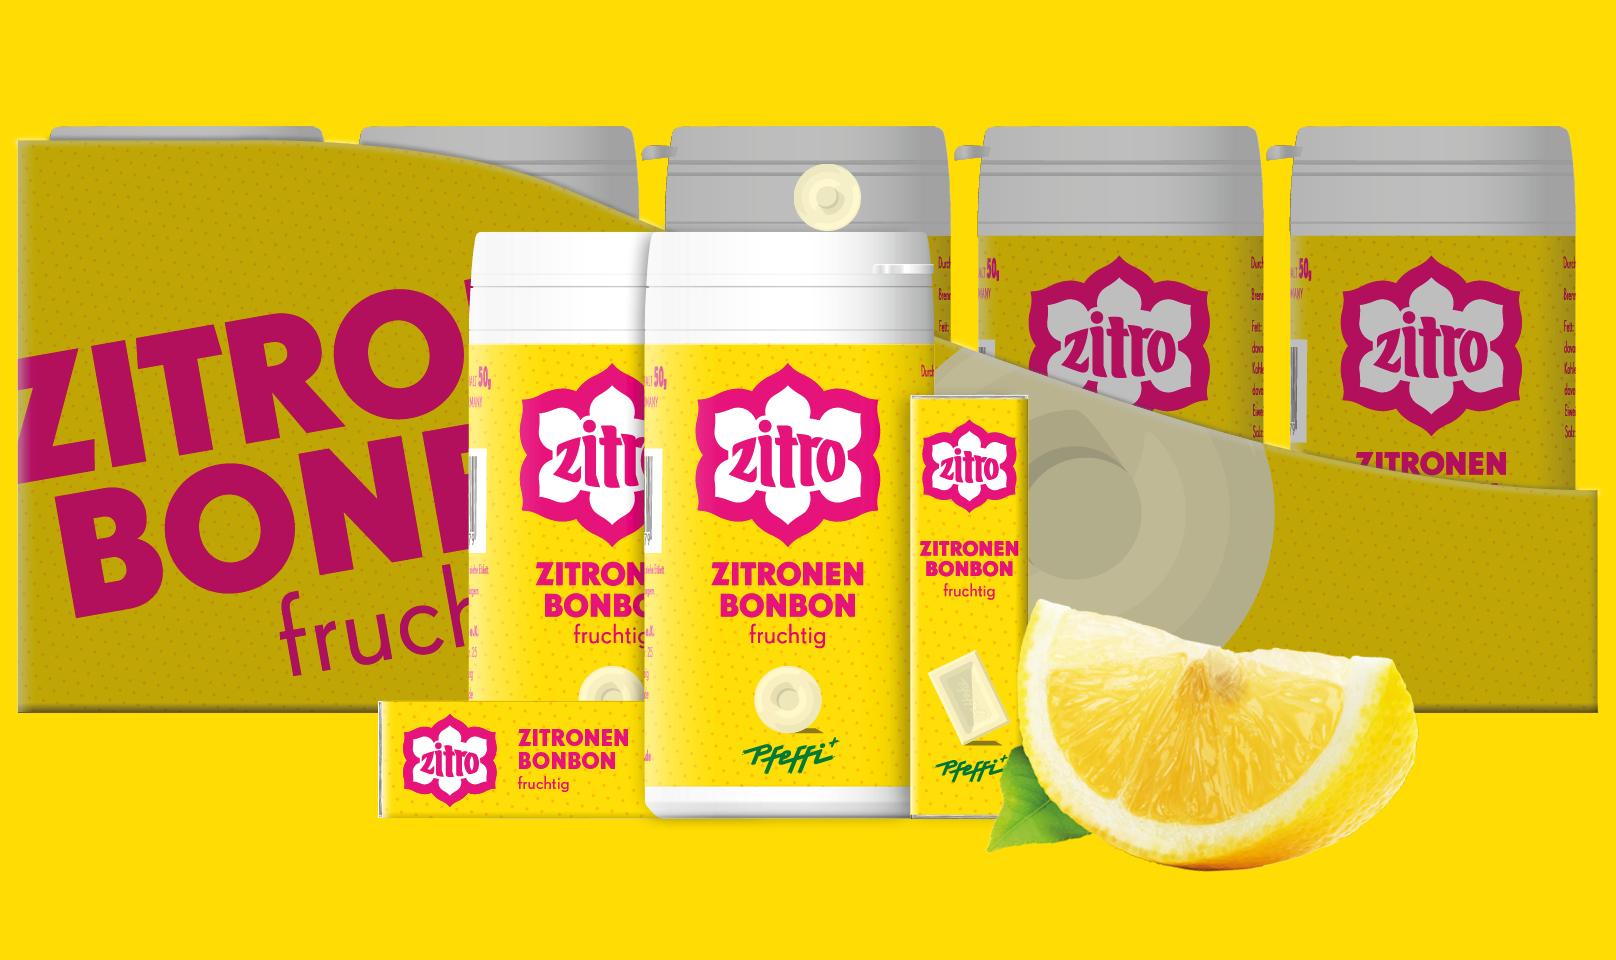 zitro-desktop